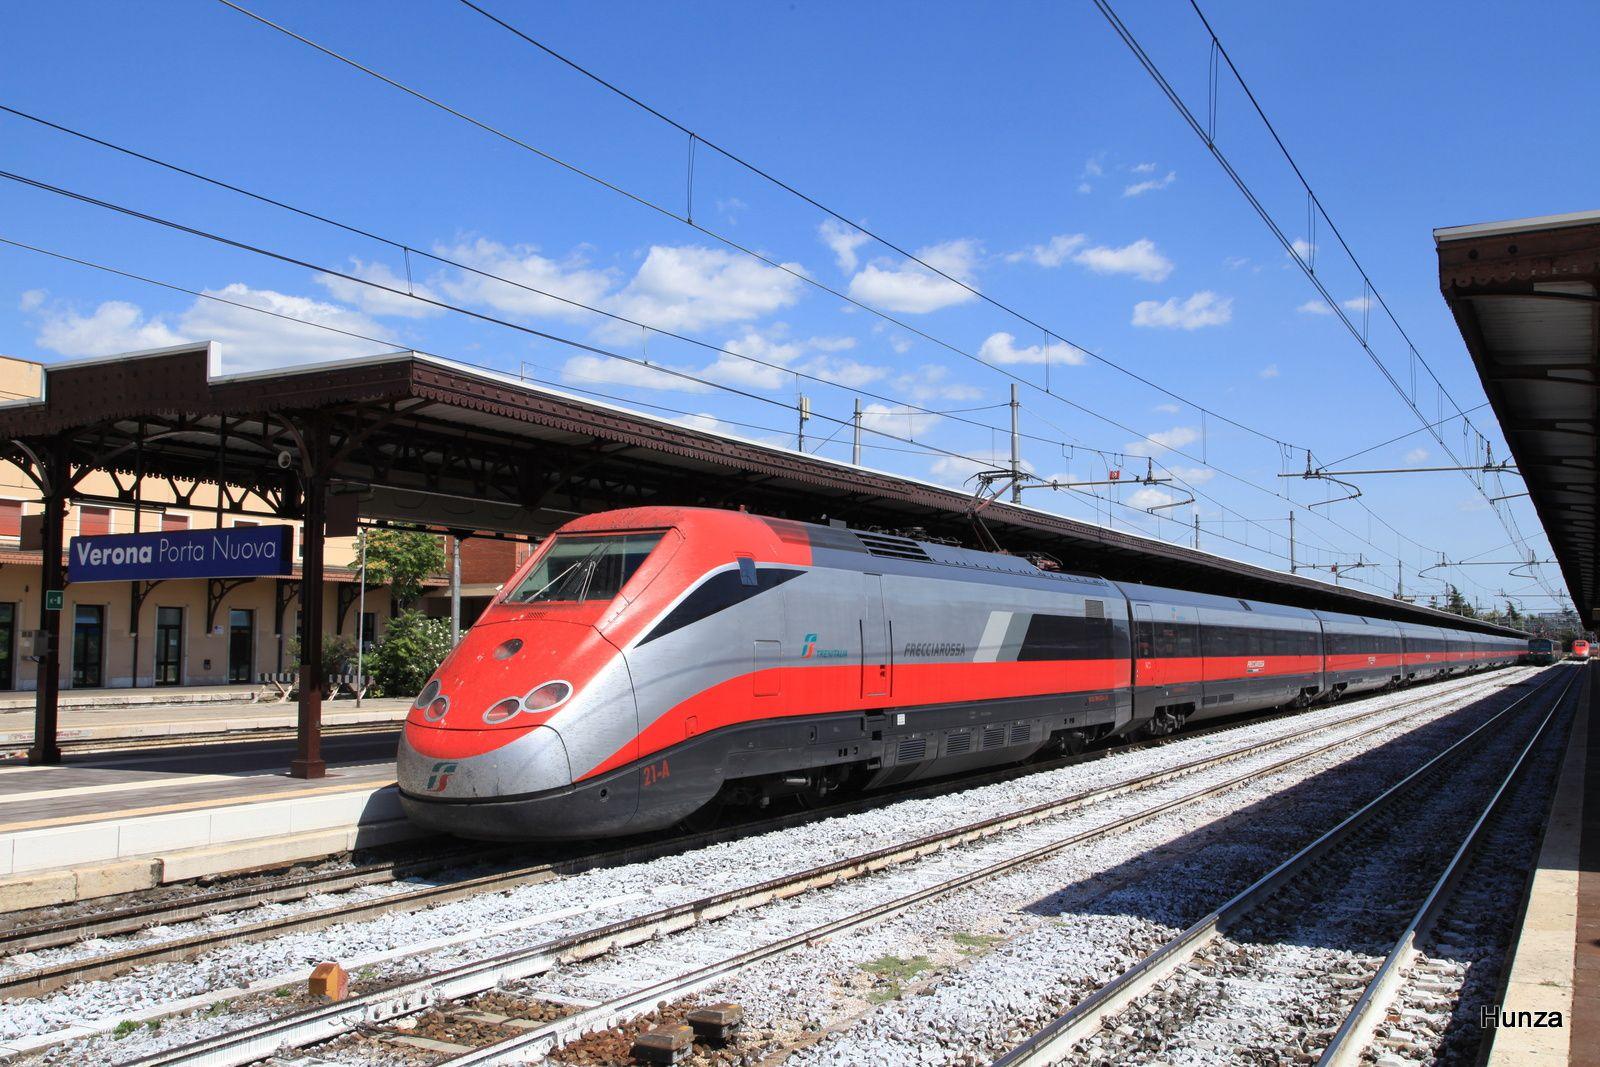 ETR 500 Frecciarossa en gare de Vérone (21 août 2017)